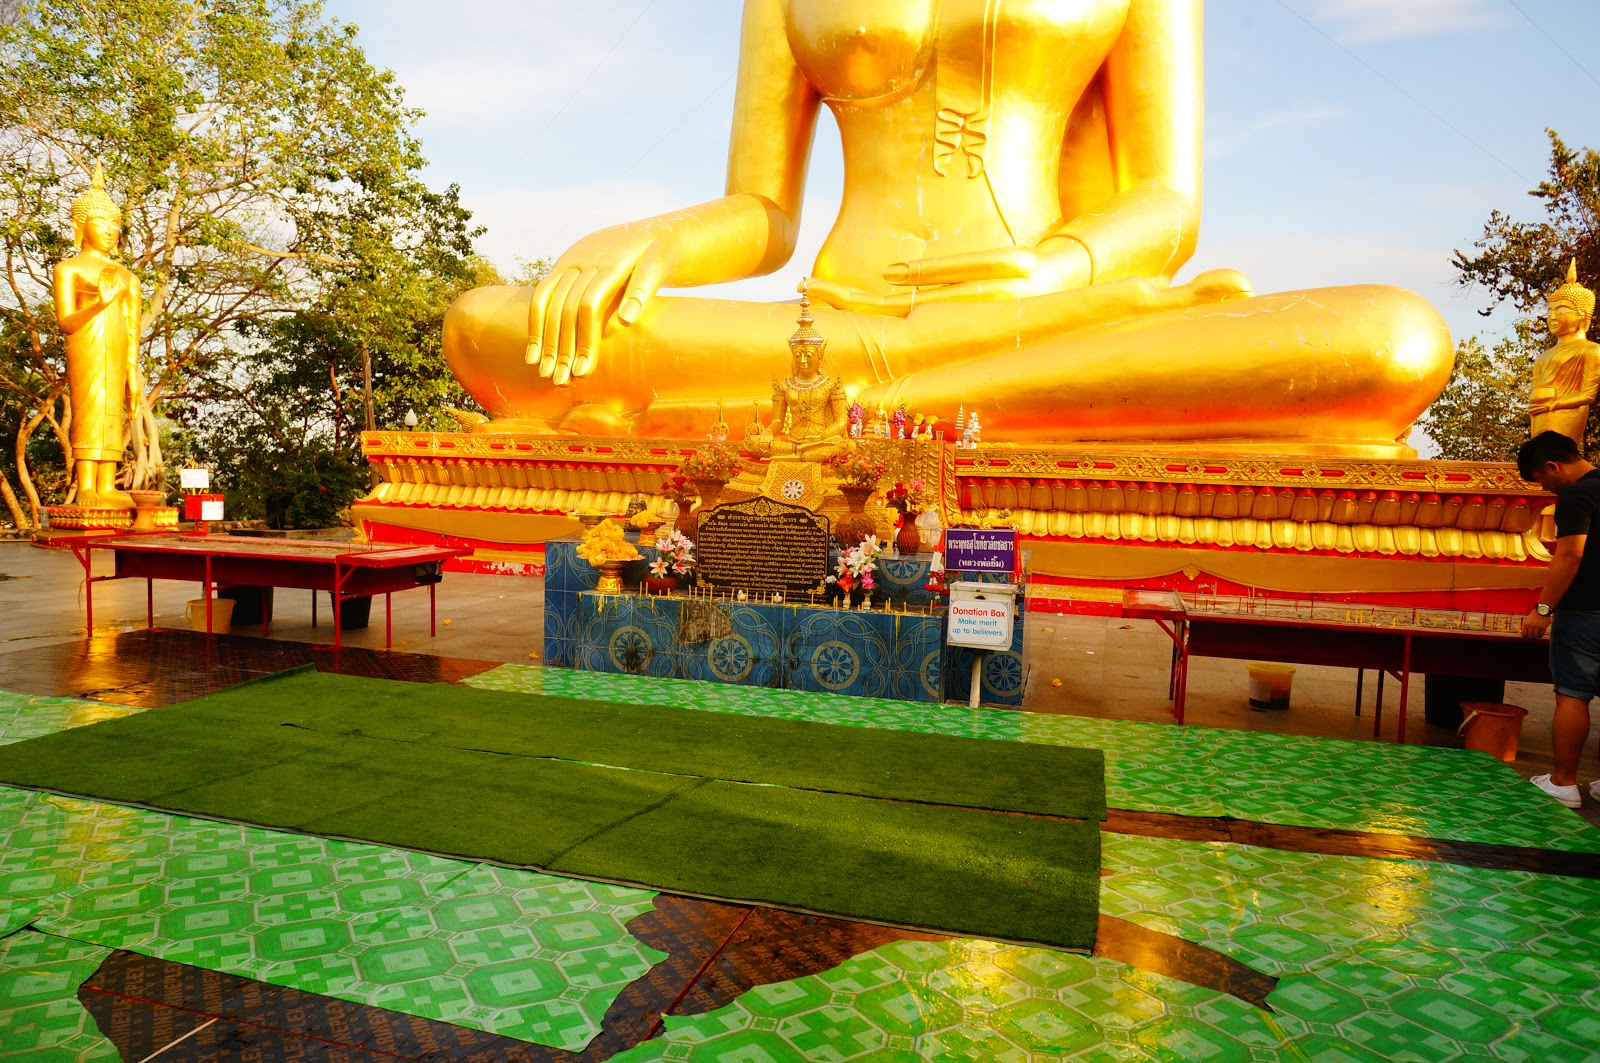 купить женские большой будда в паттайе фото эрмитаже основном, разделена